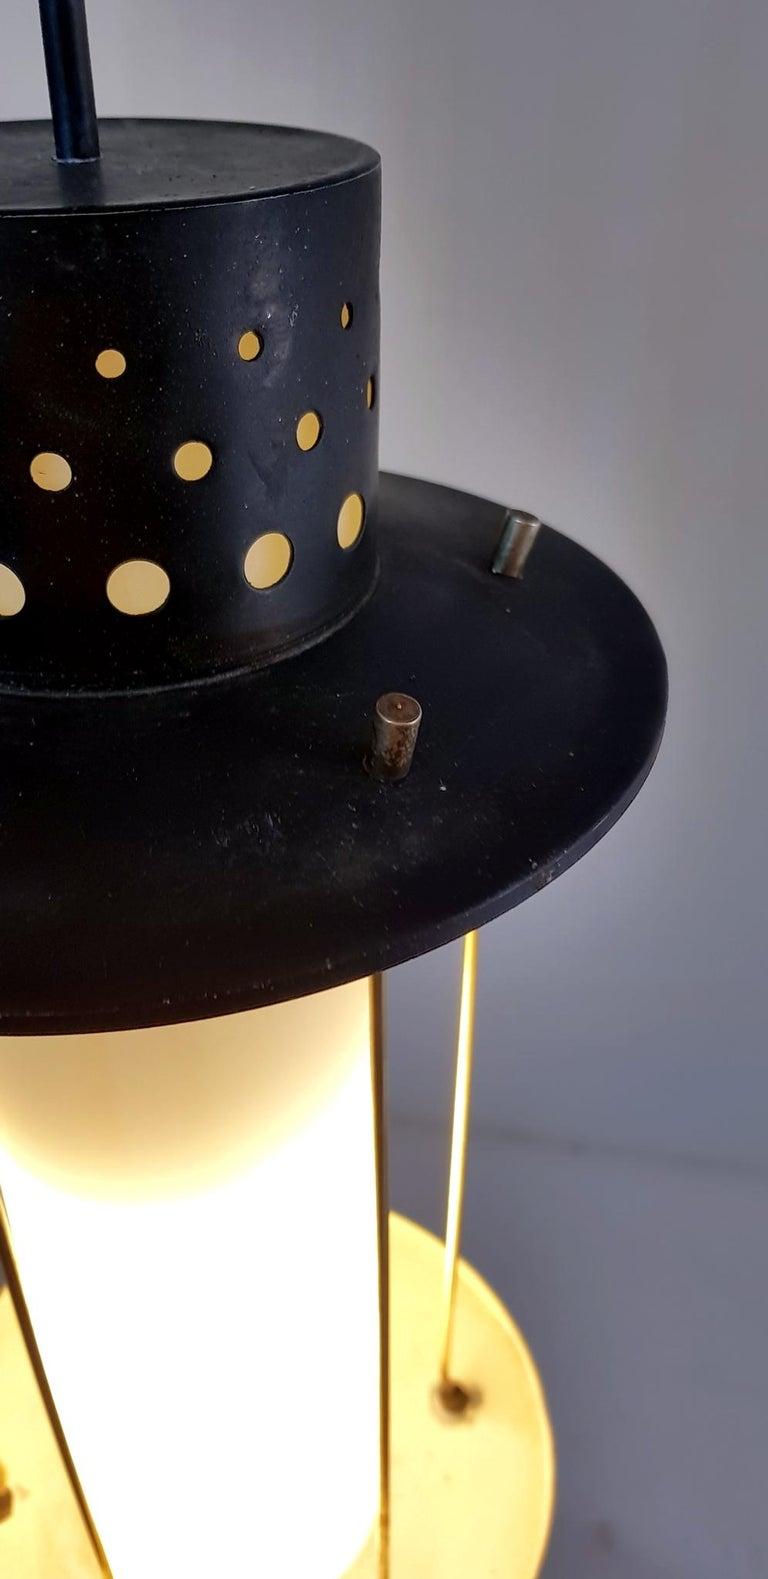 Midcentury Stilnovo Pendant, Italy In Good Condition For Sale In Albano Laziale, Rome/Lazio